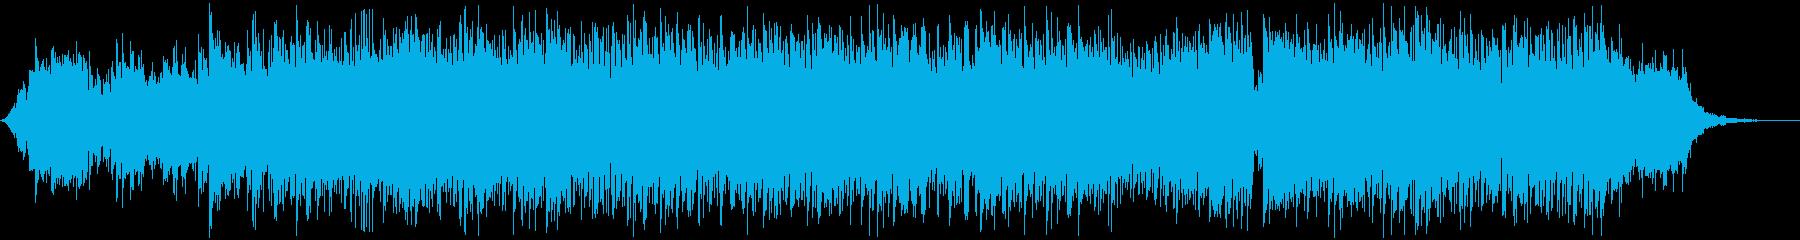 爽やかでおしゃれな雰囲気のEDMの再生済みの波形